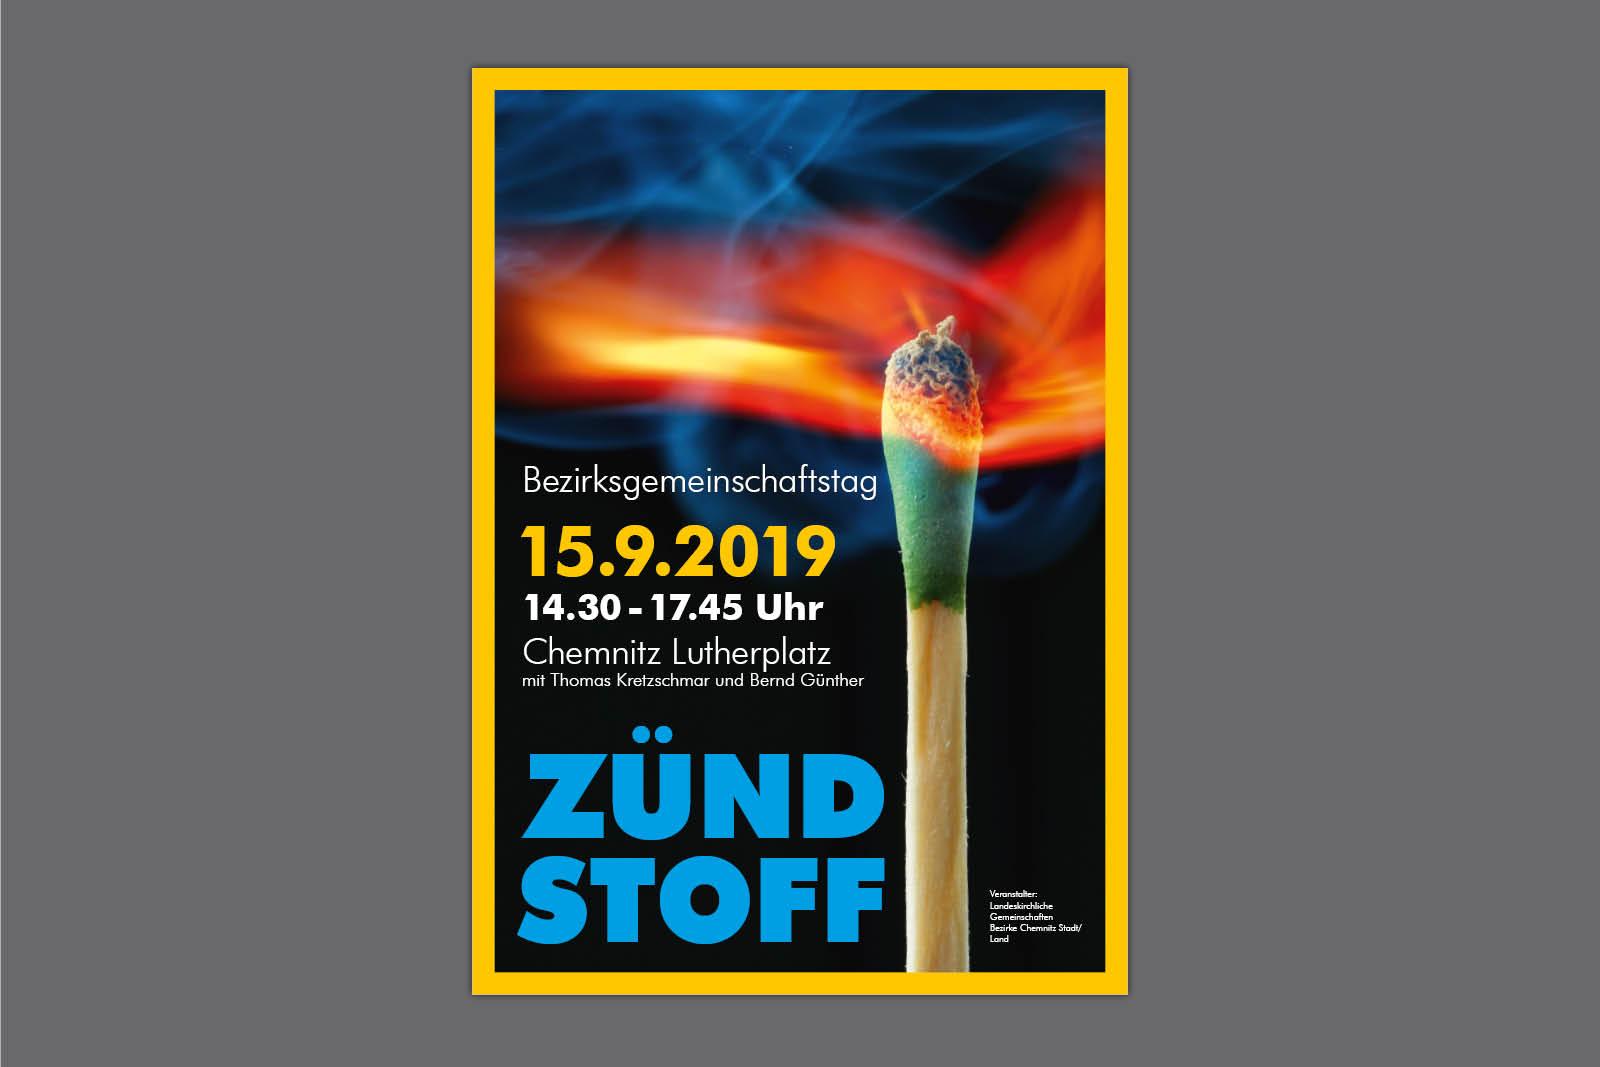 Plakat für Veranstaltung Landeskirchliche Gemeinschaft